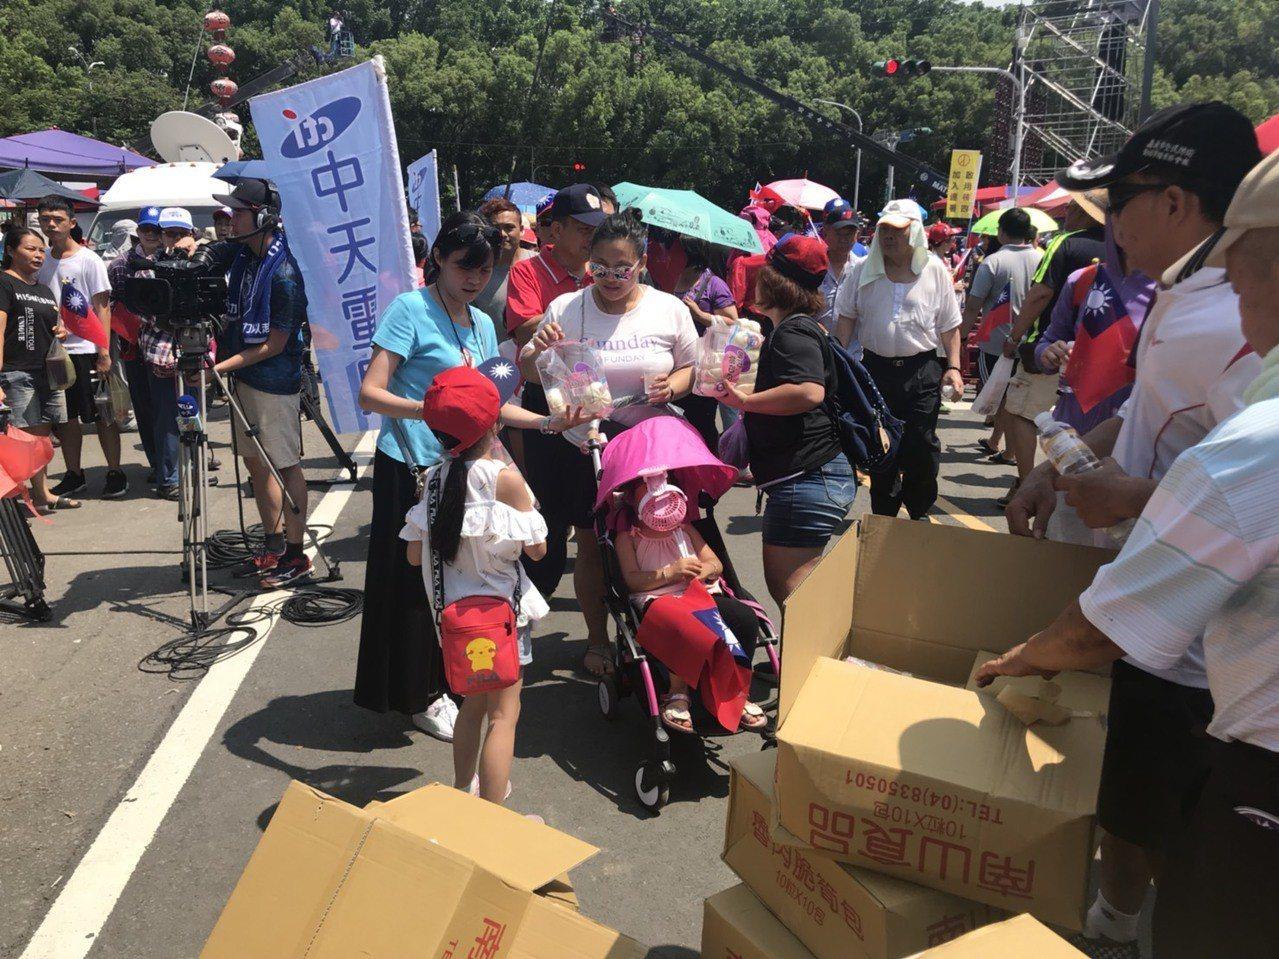 高雄市長韓國瑜的第三場造勢活動今天在雲林縣登場,新北市鐵粉提供2020顆包子給鐵...